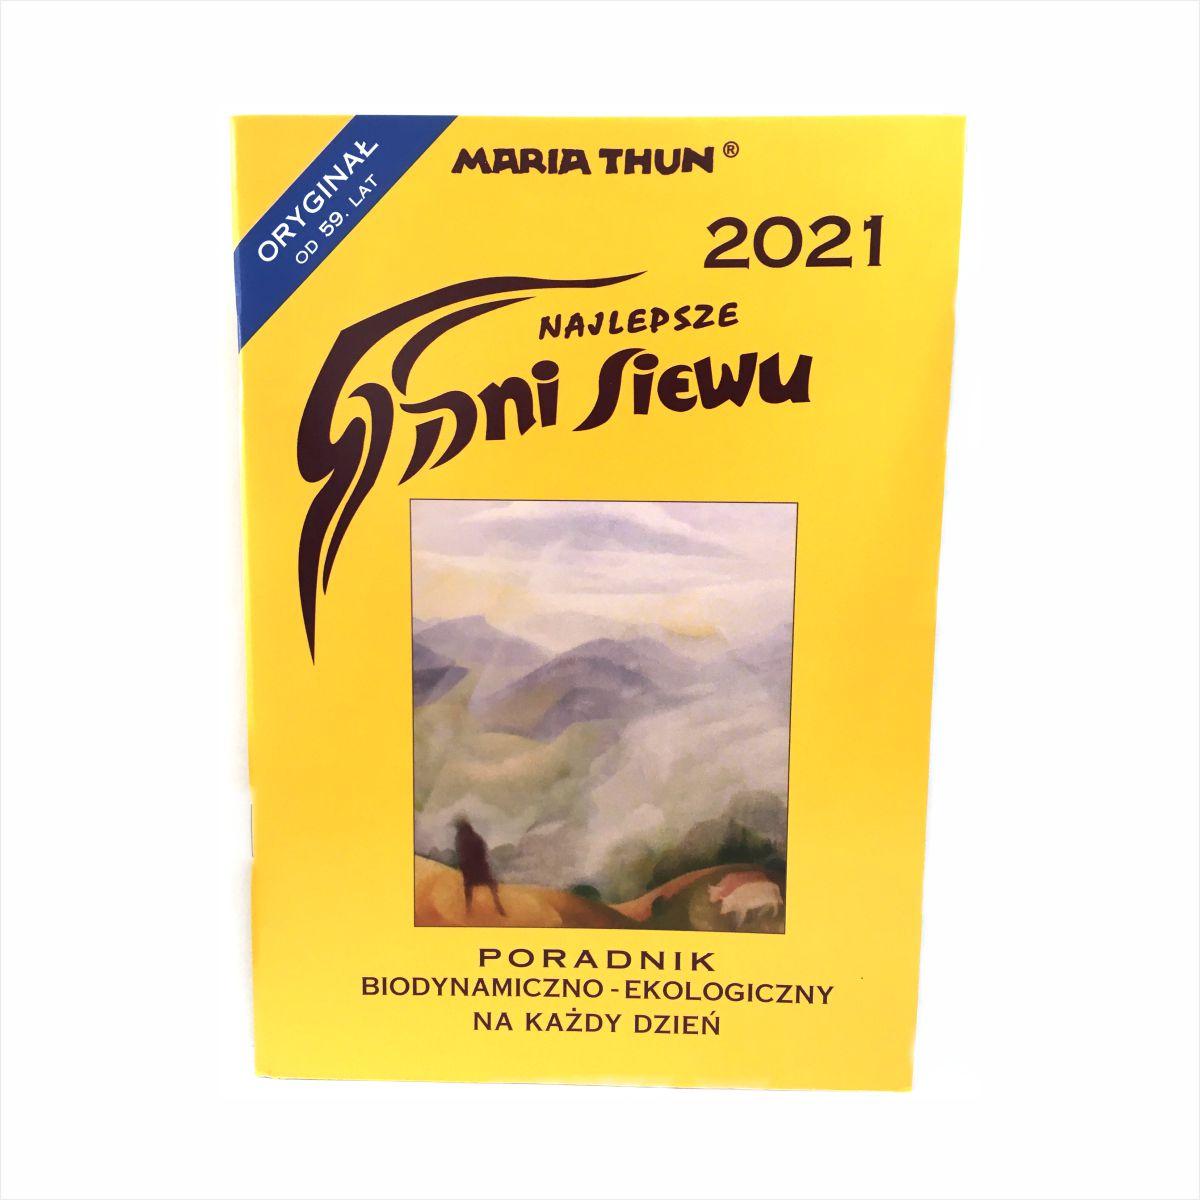 Dni Siewu 2021 Maria Thun